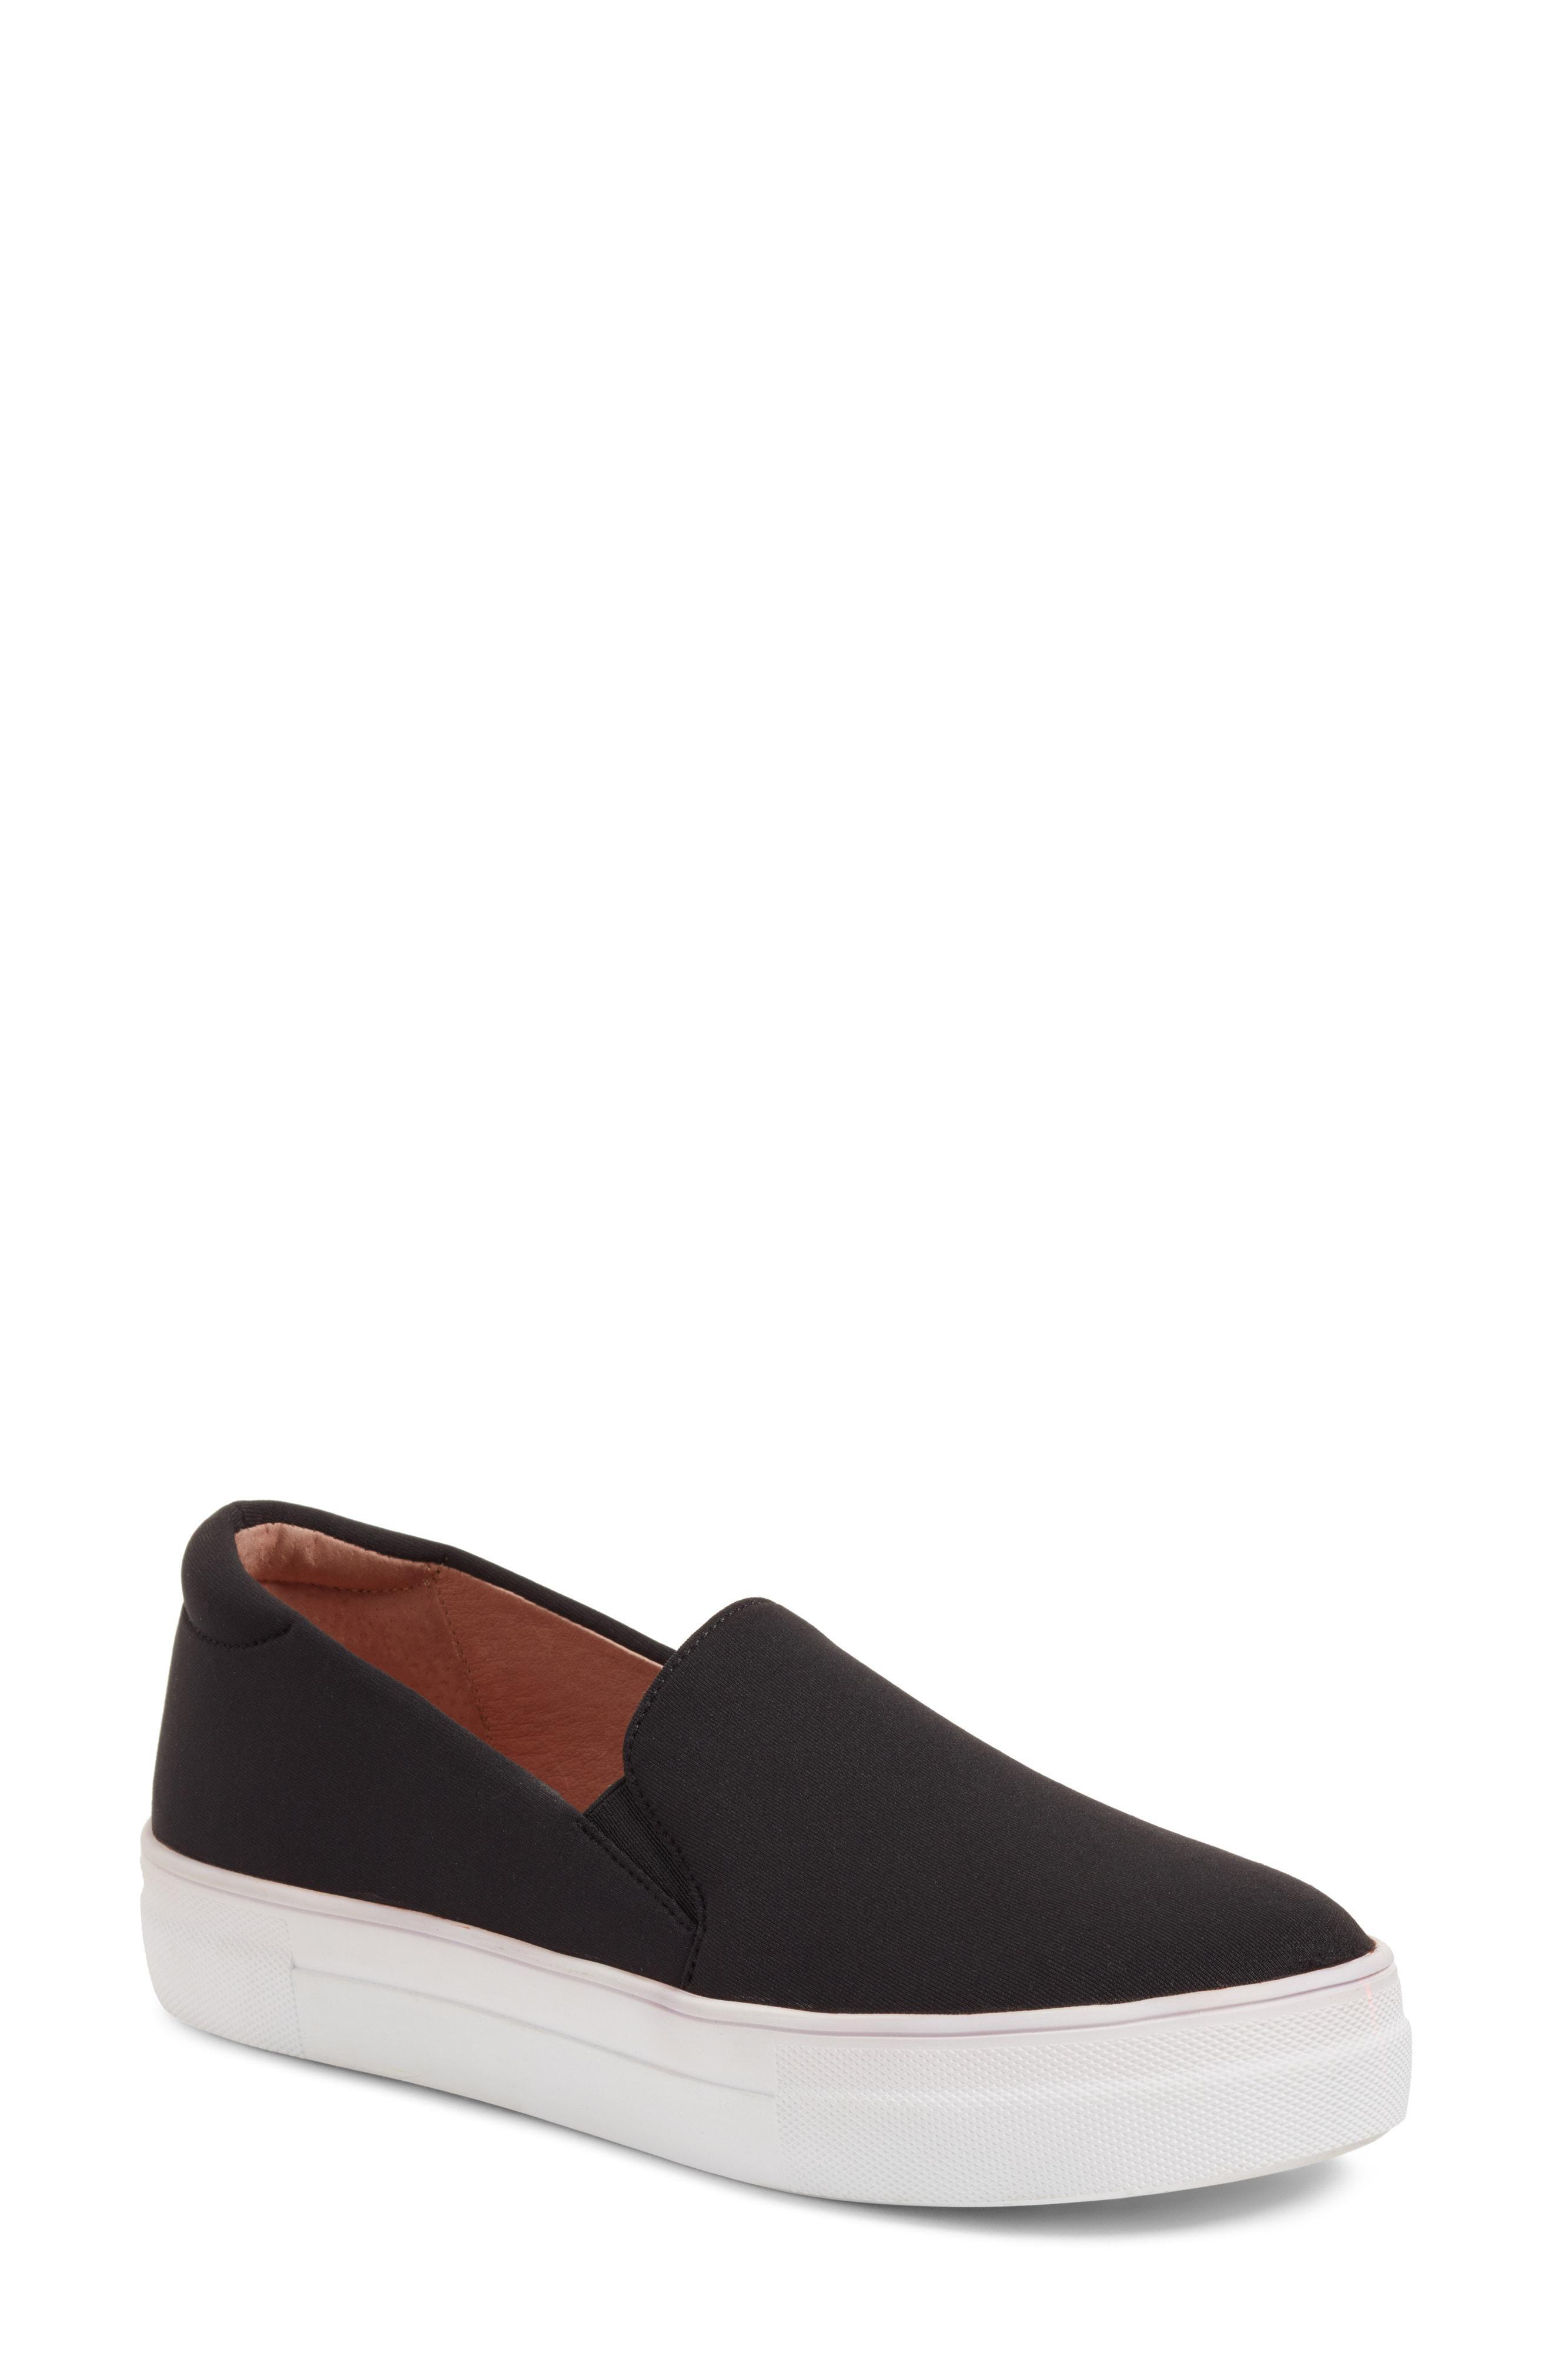 5e7b973b90d Lyst - Caslon Caslon Alden Slip-on Sneaker in Black